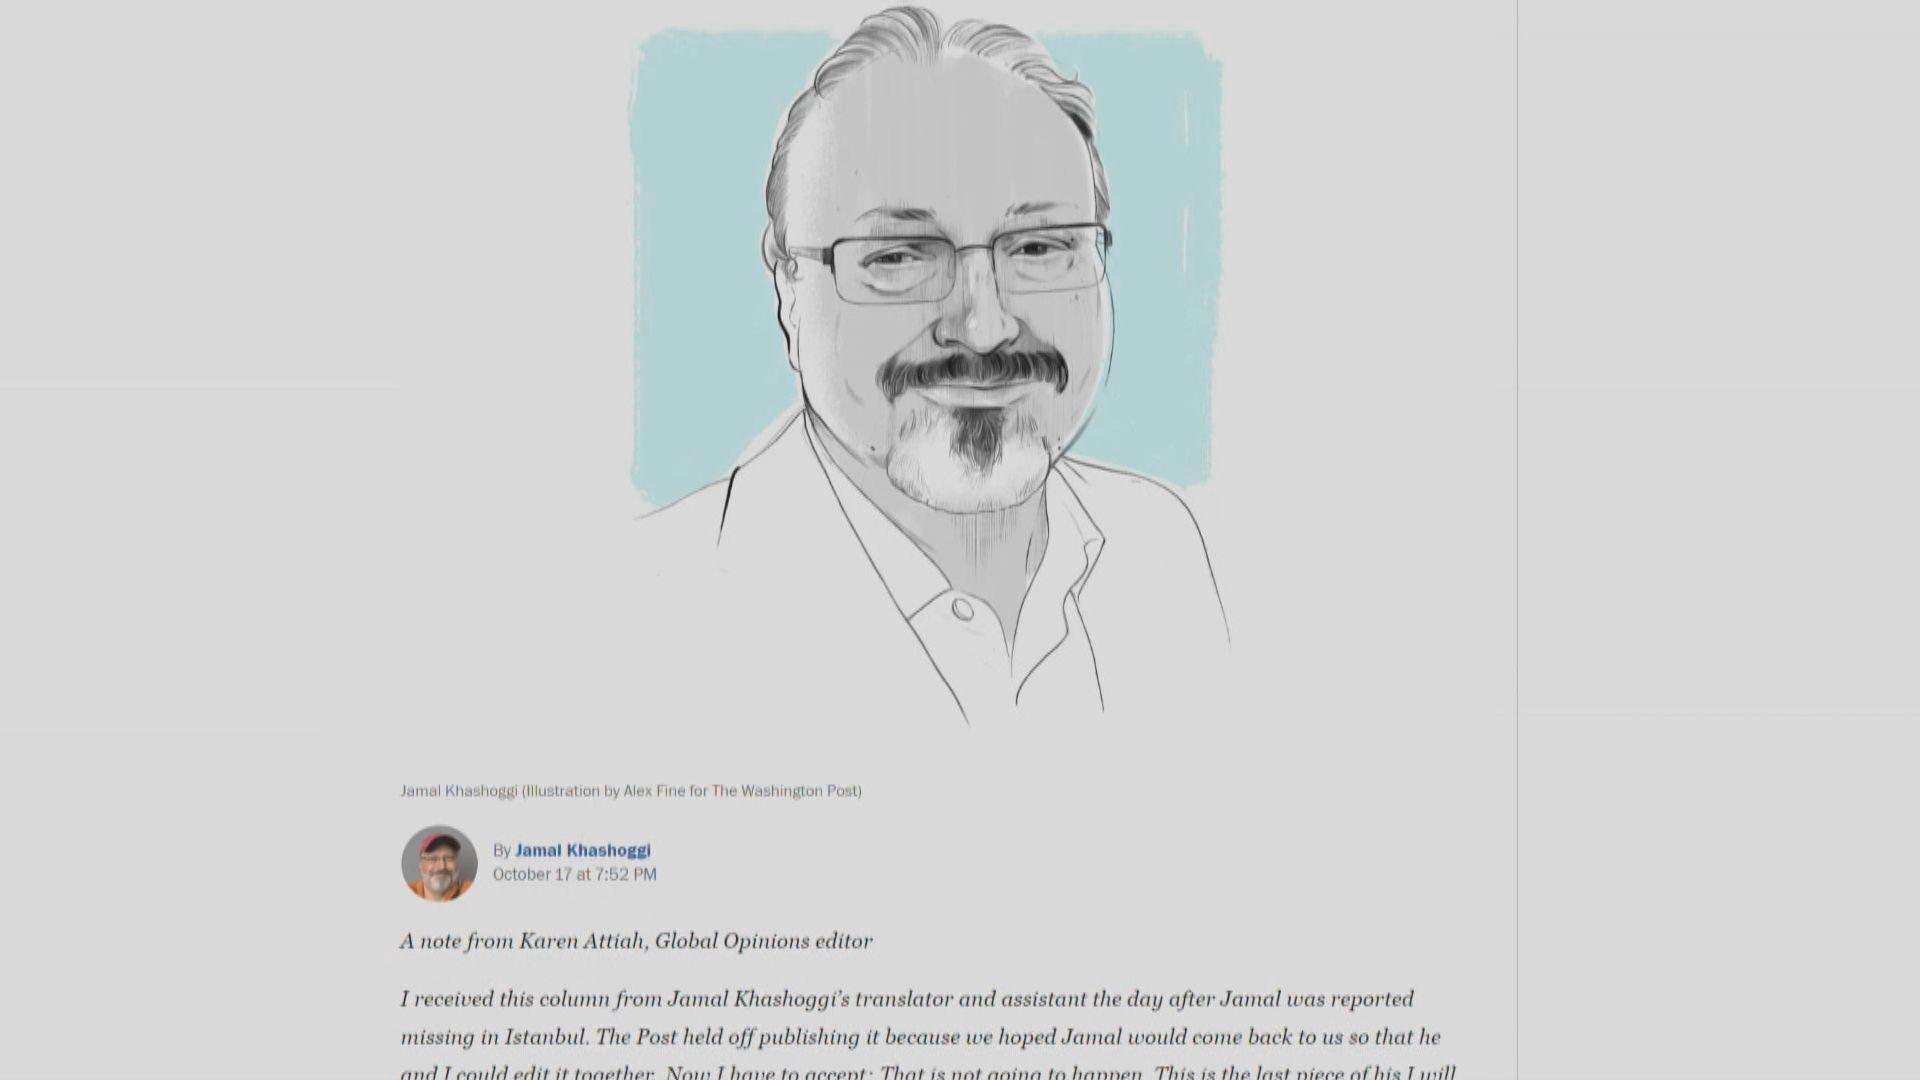 卡舒吉失蹤前文章提及阿拉伯新聞自由